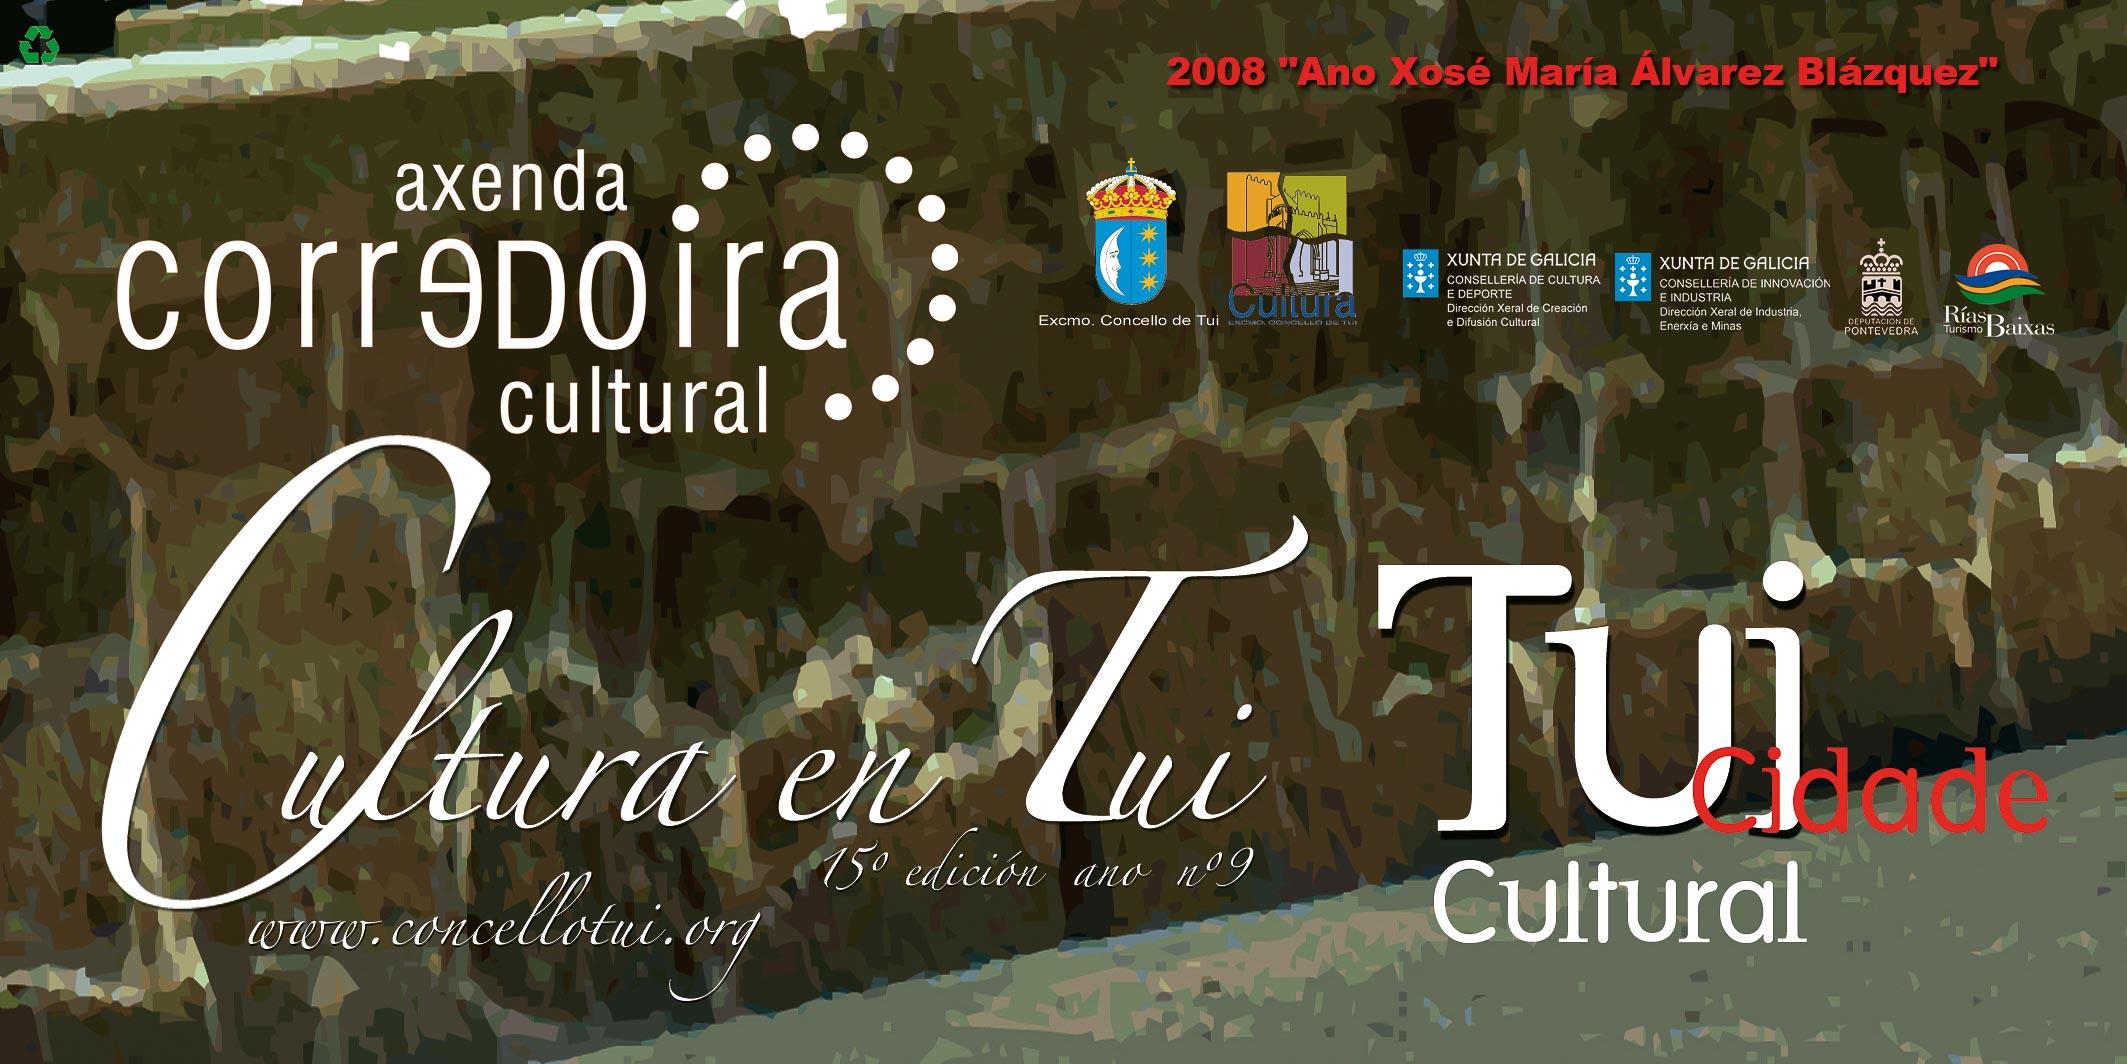 concello-de-tui-2008 1º portada resto